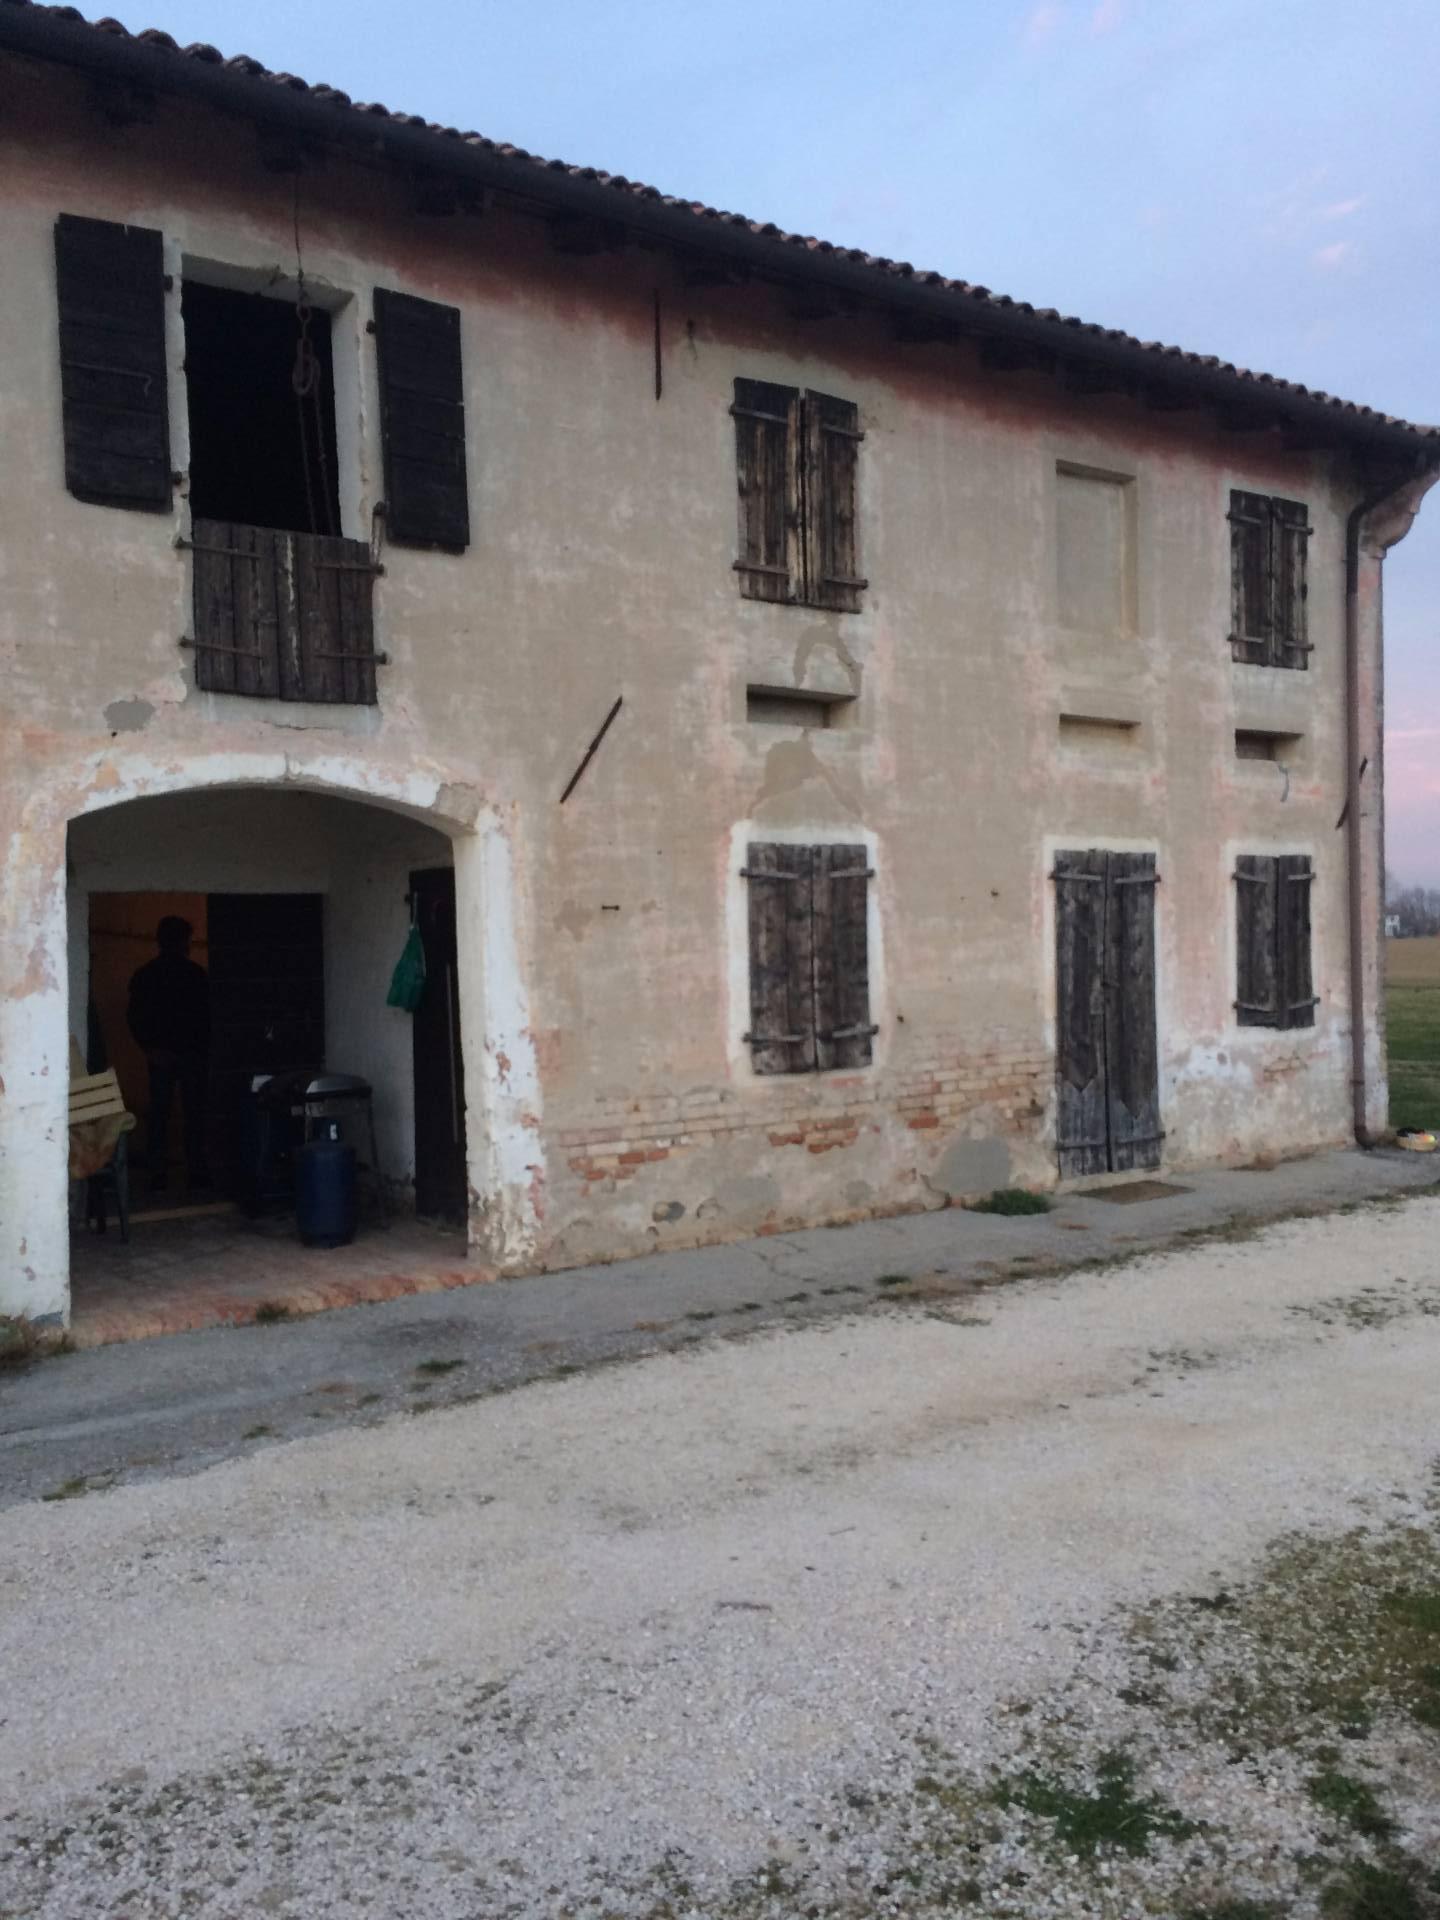 Rustico / Casale in vendita a Roncade, 1 locali, zona Zona: Biancade, prezzo € 300.000   CambioCasa.it